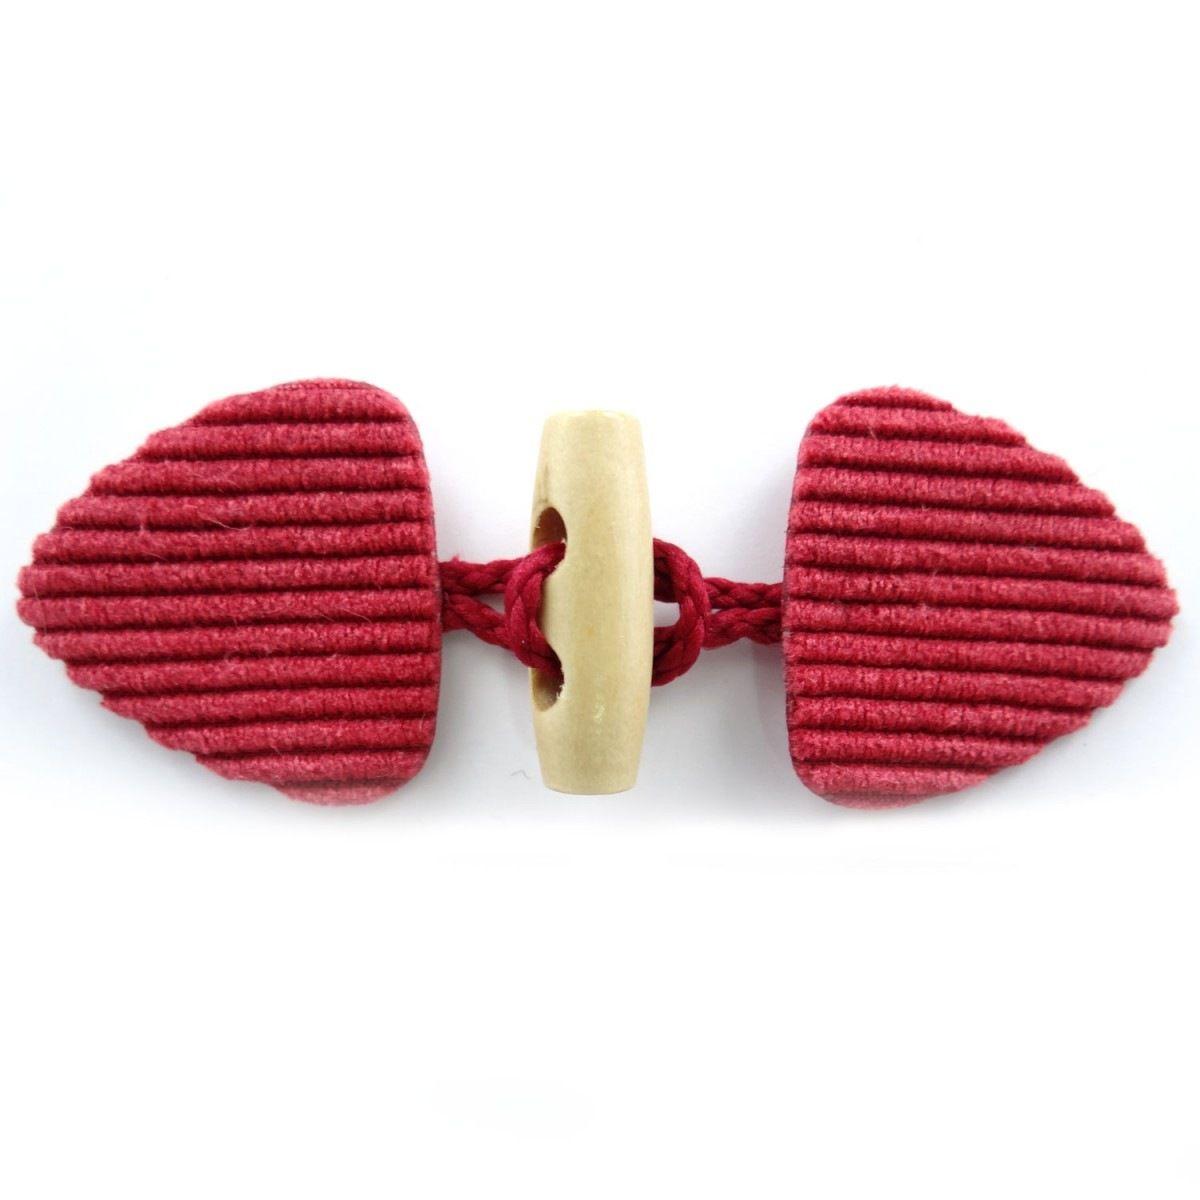 Brandebourg velours cotelé rouge Coloris - rouge - N019652XU/2004 : Attaches par la-mercerie-chic